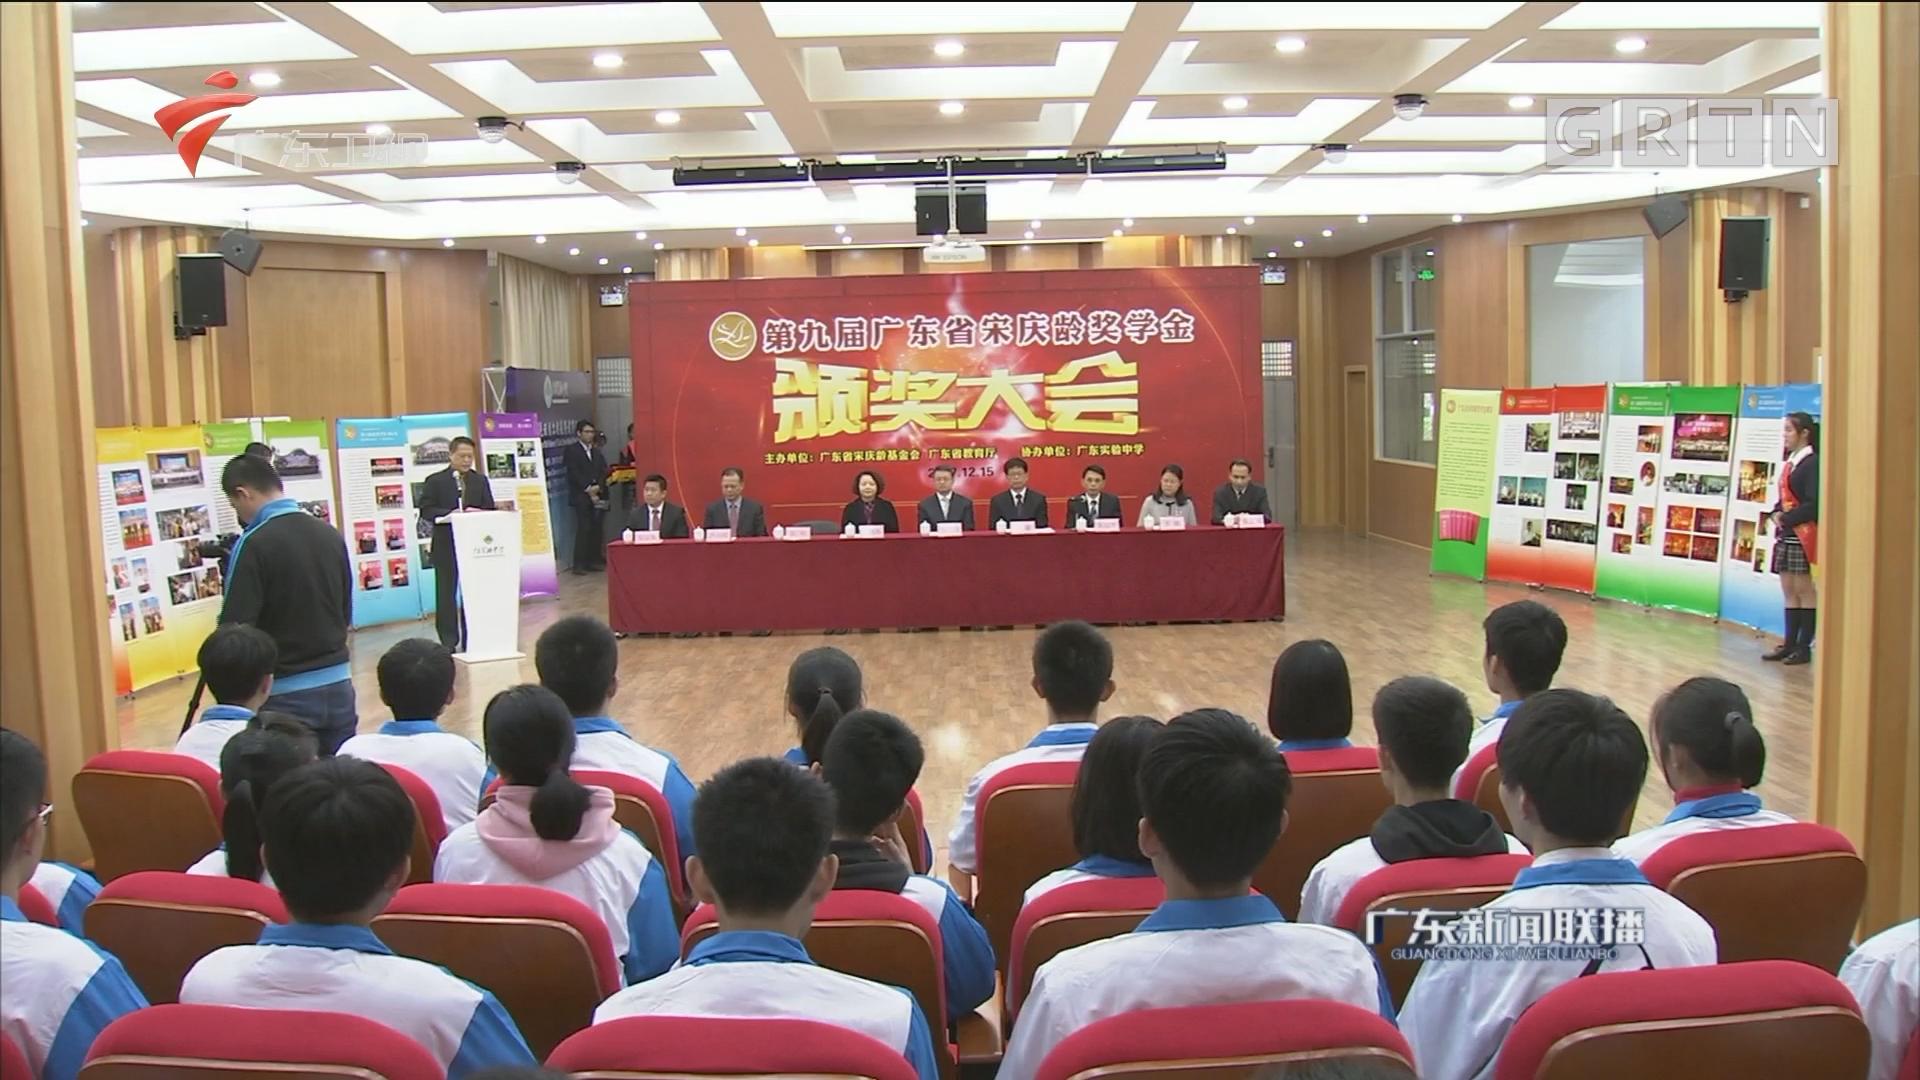 第九届广东省宋庆龄奖学金颁奖大会在广州举行